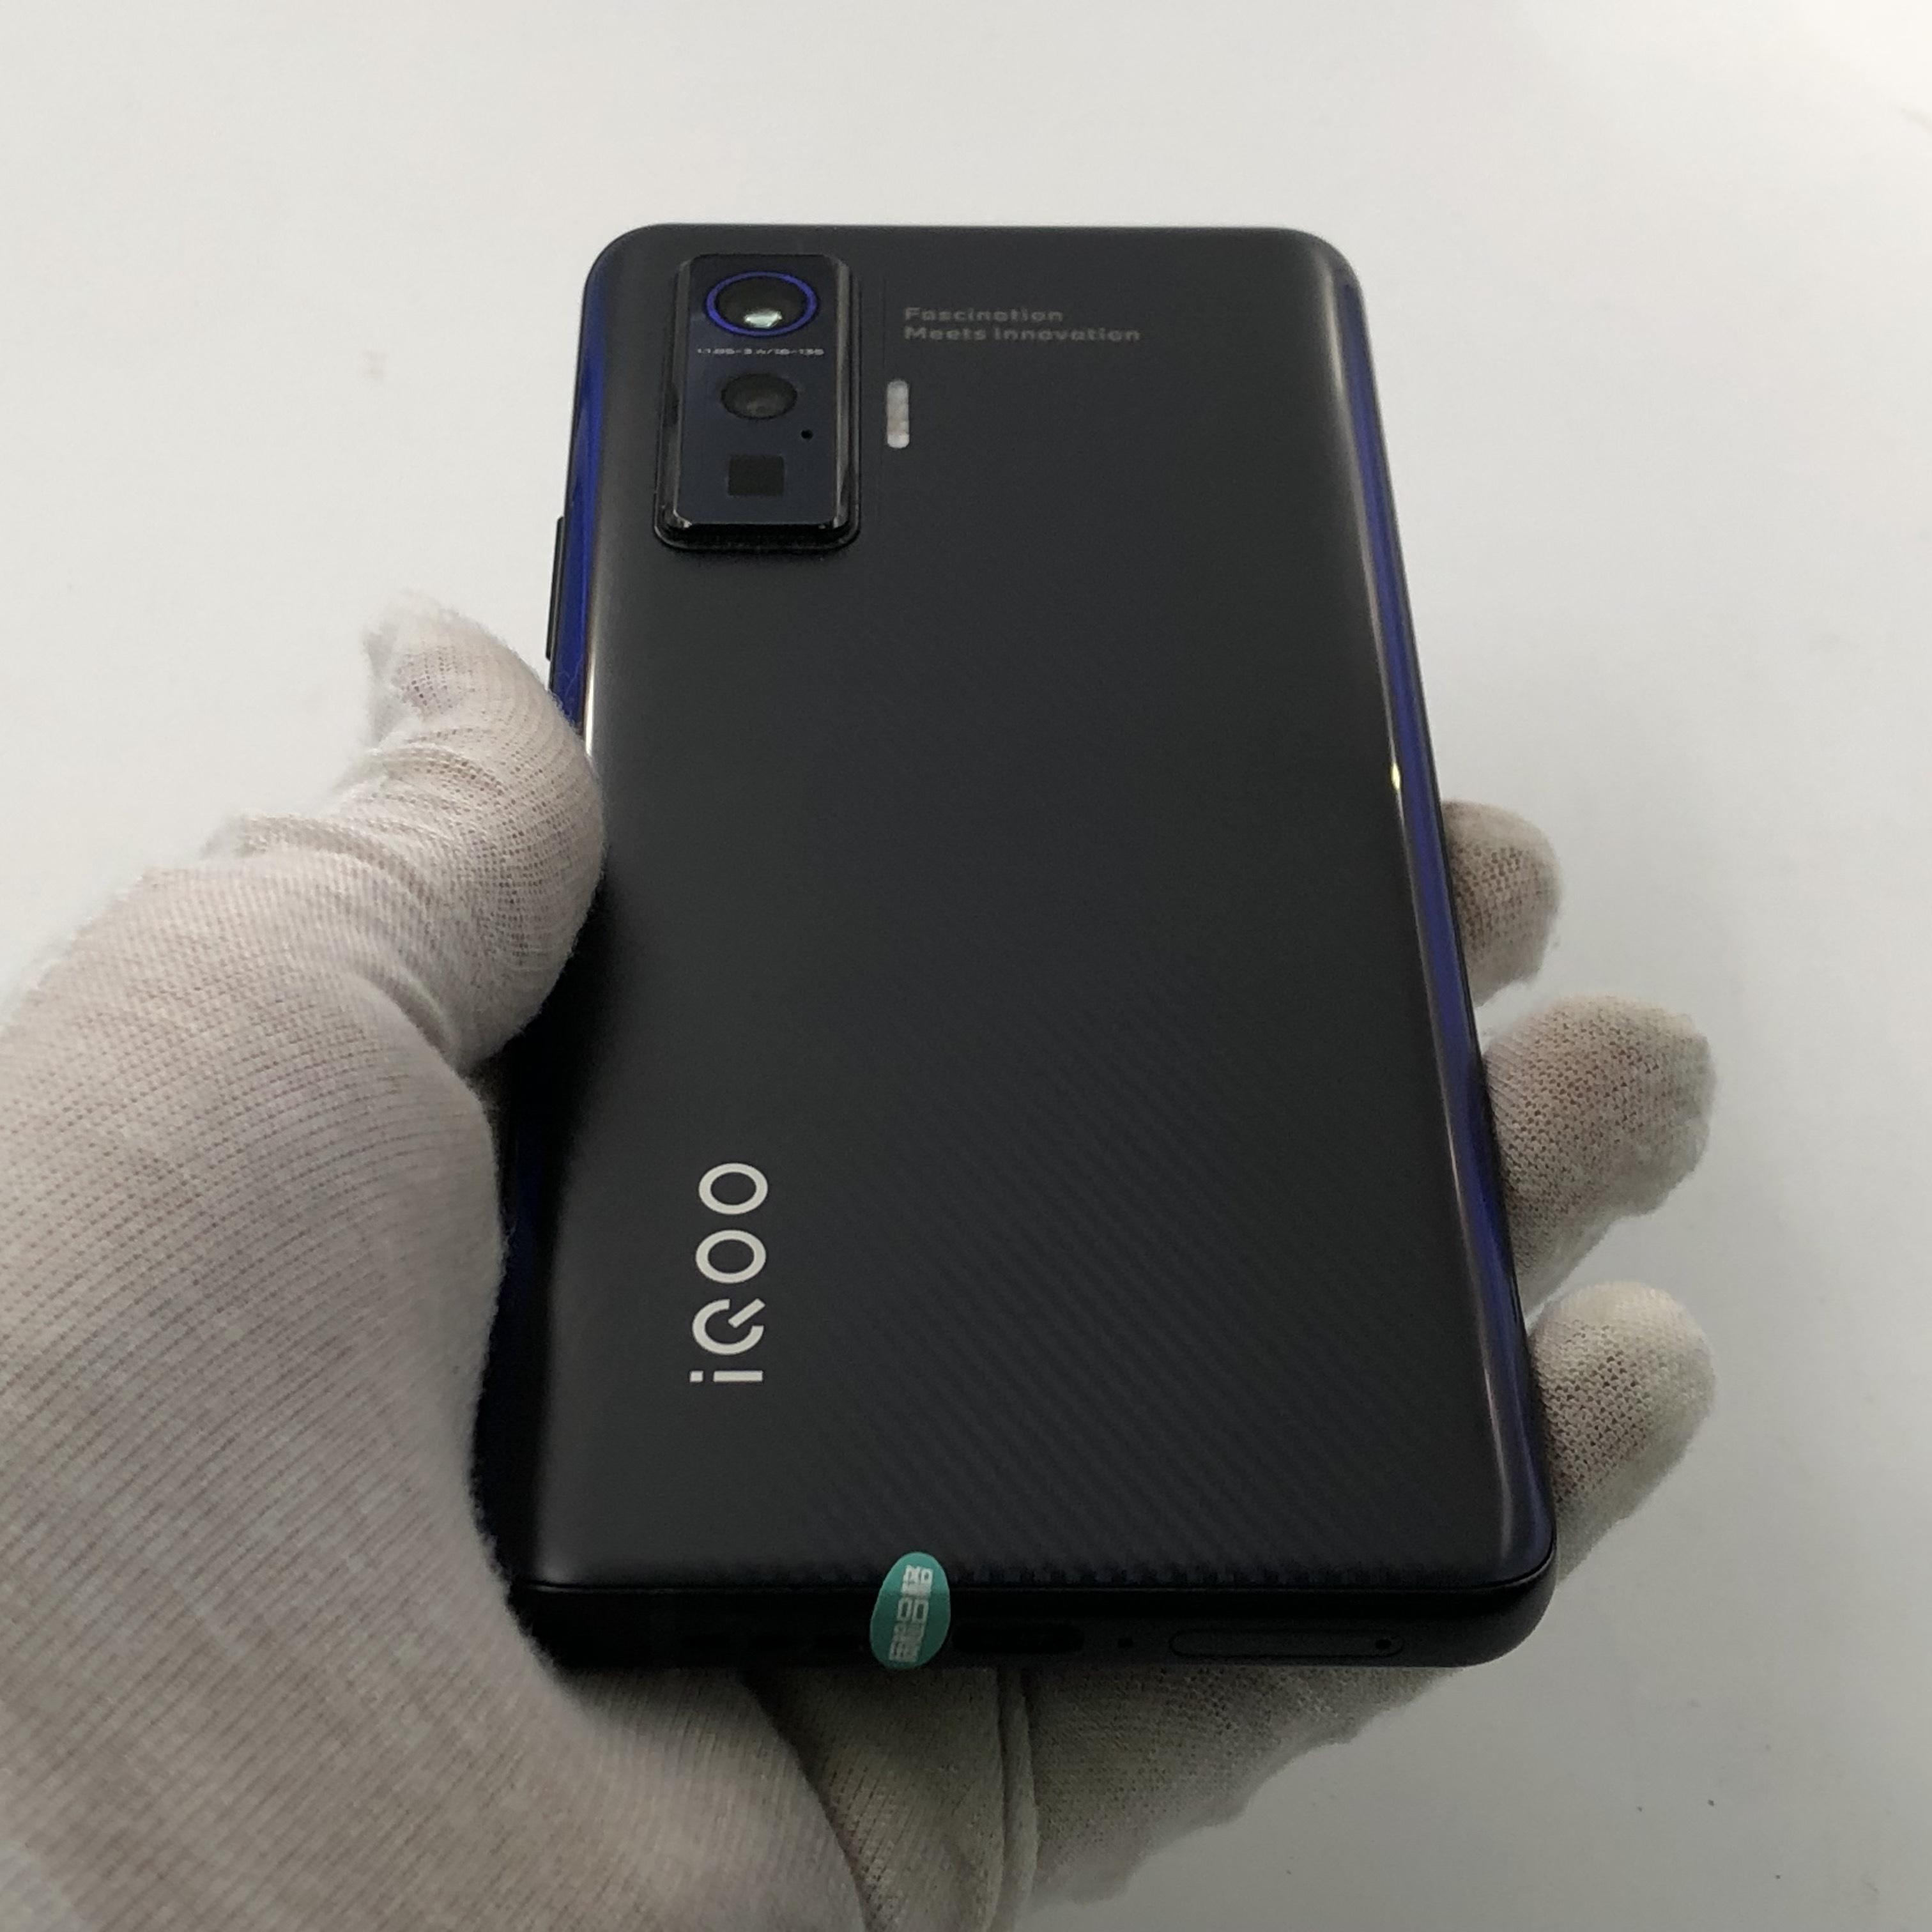 vivo【iQOO 5 Pro】5G全网通 赛道版 8G/256G 国行 99新